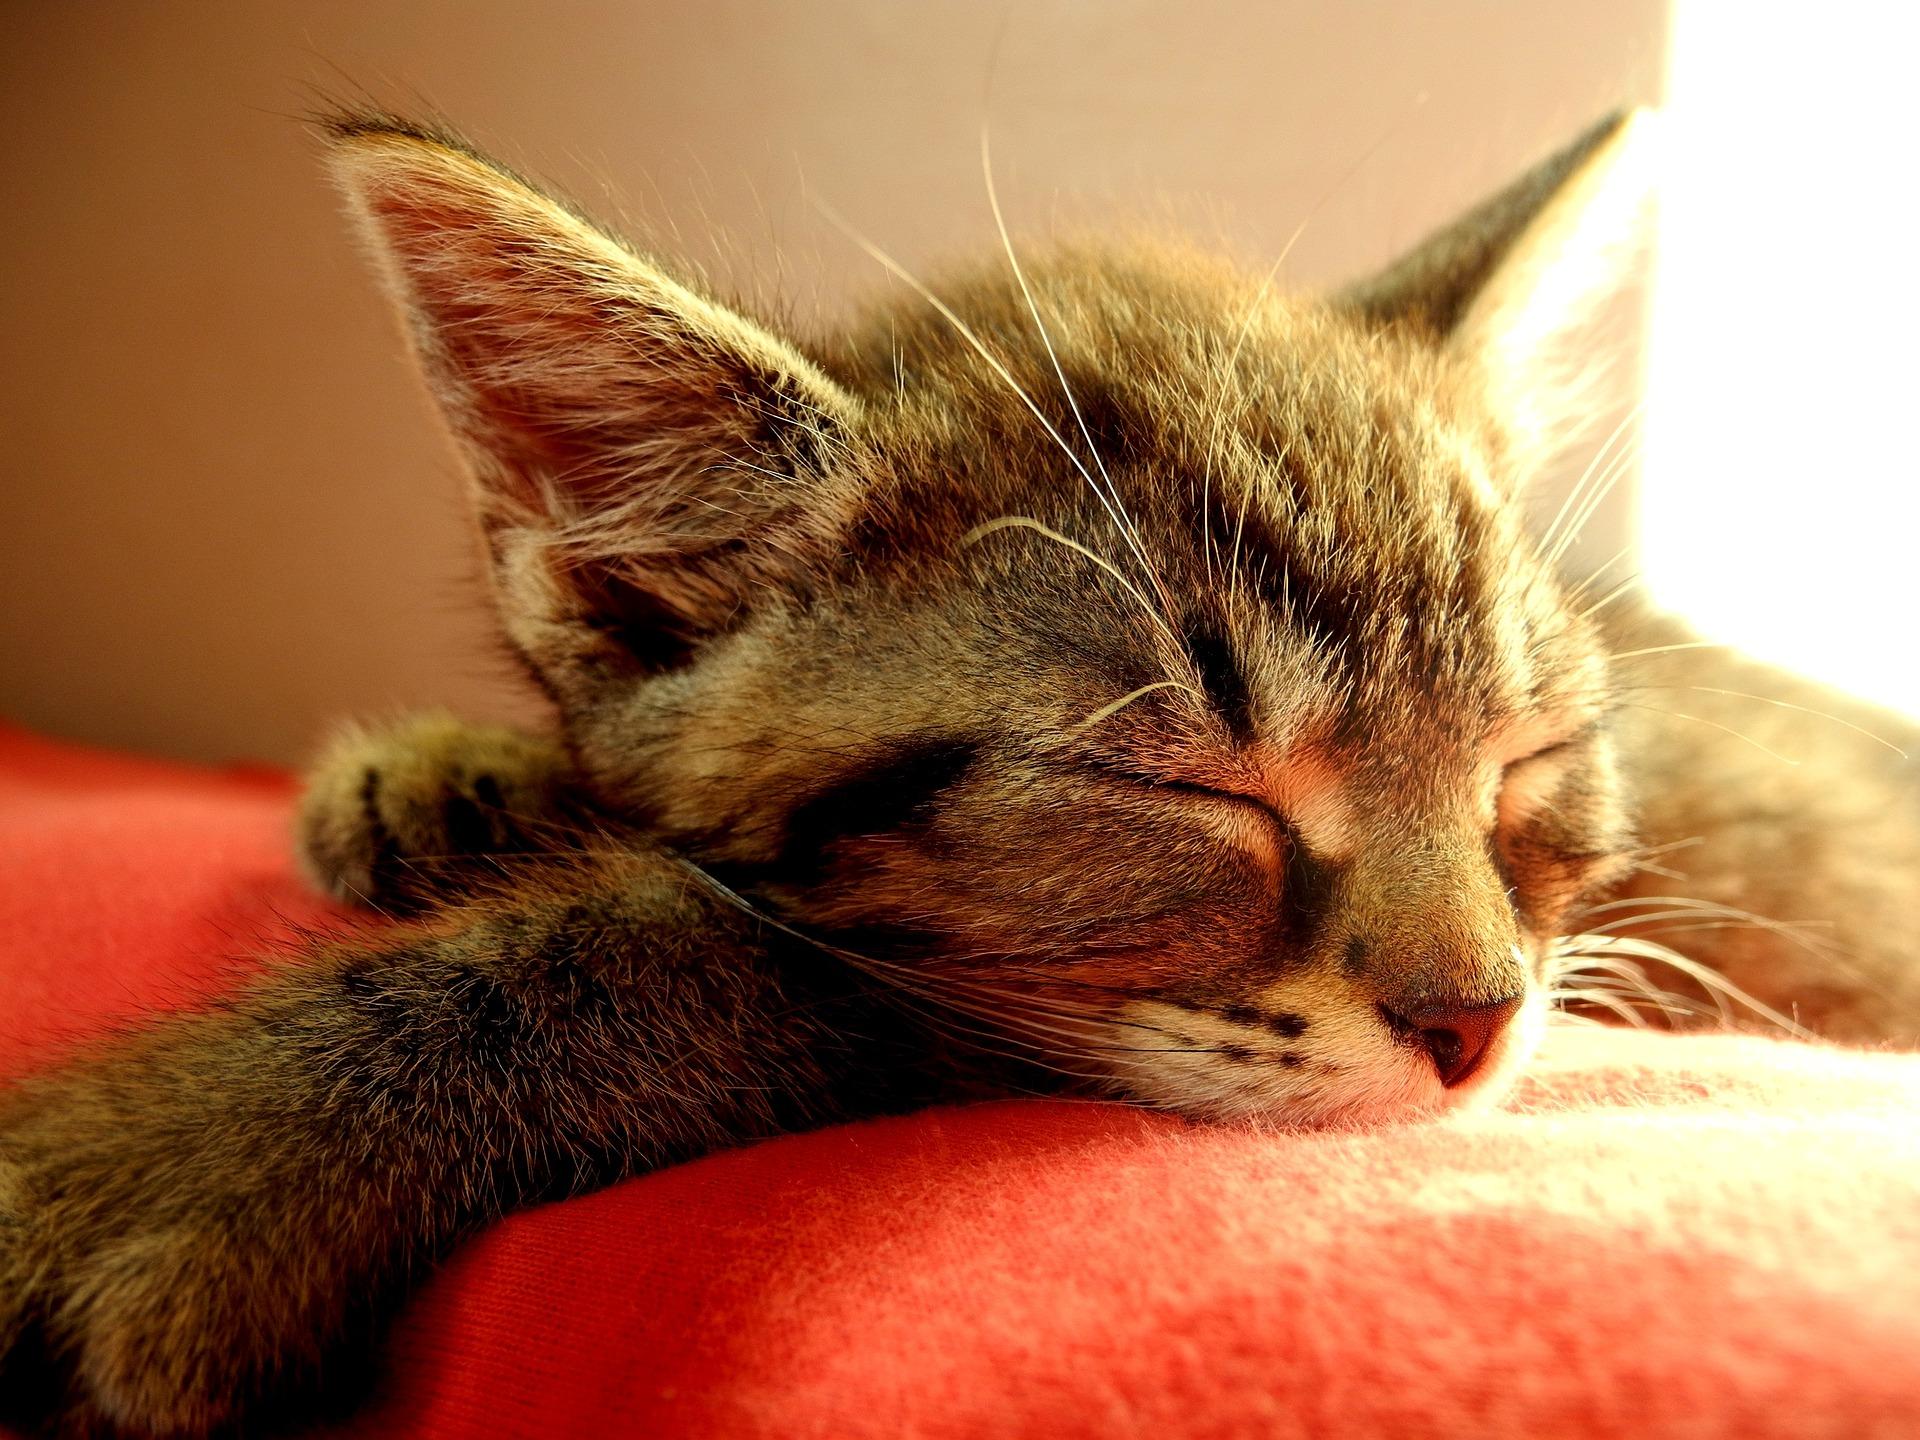 cat-1503243_1920